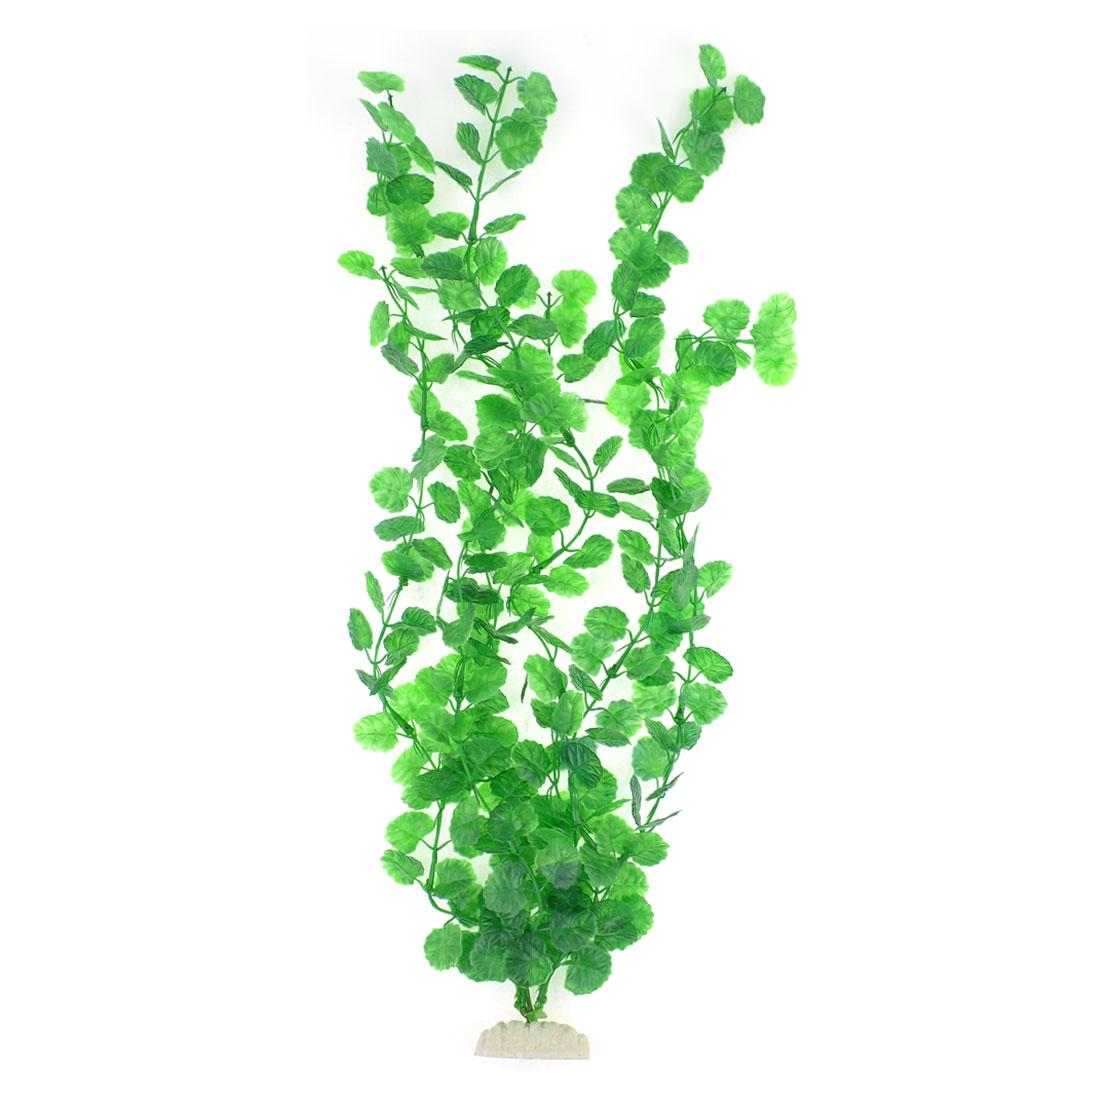 Plastic Green Underwater 54cm Grass Plant for Aquarium Ornament